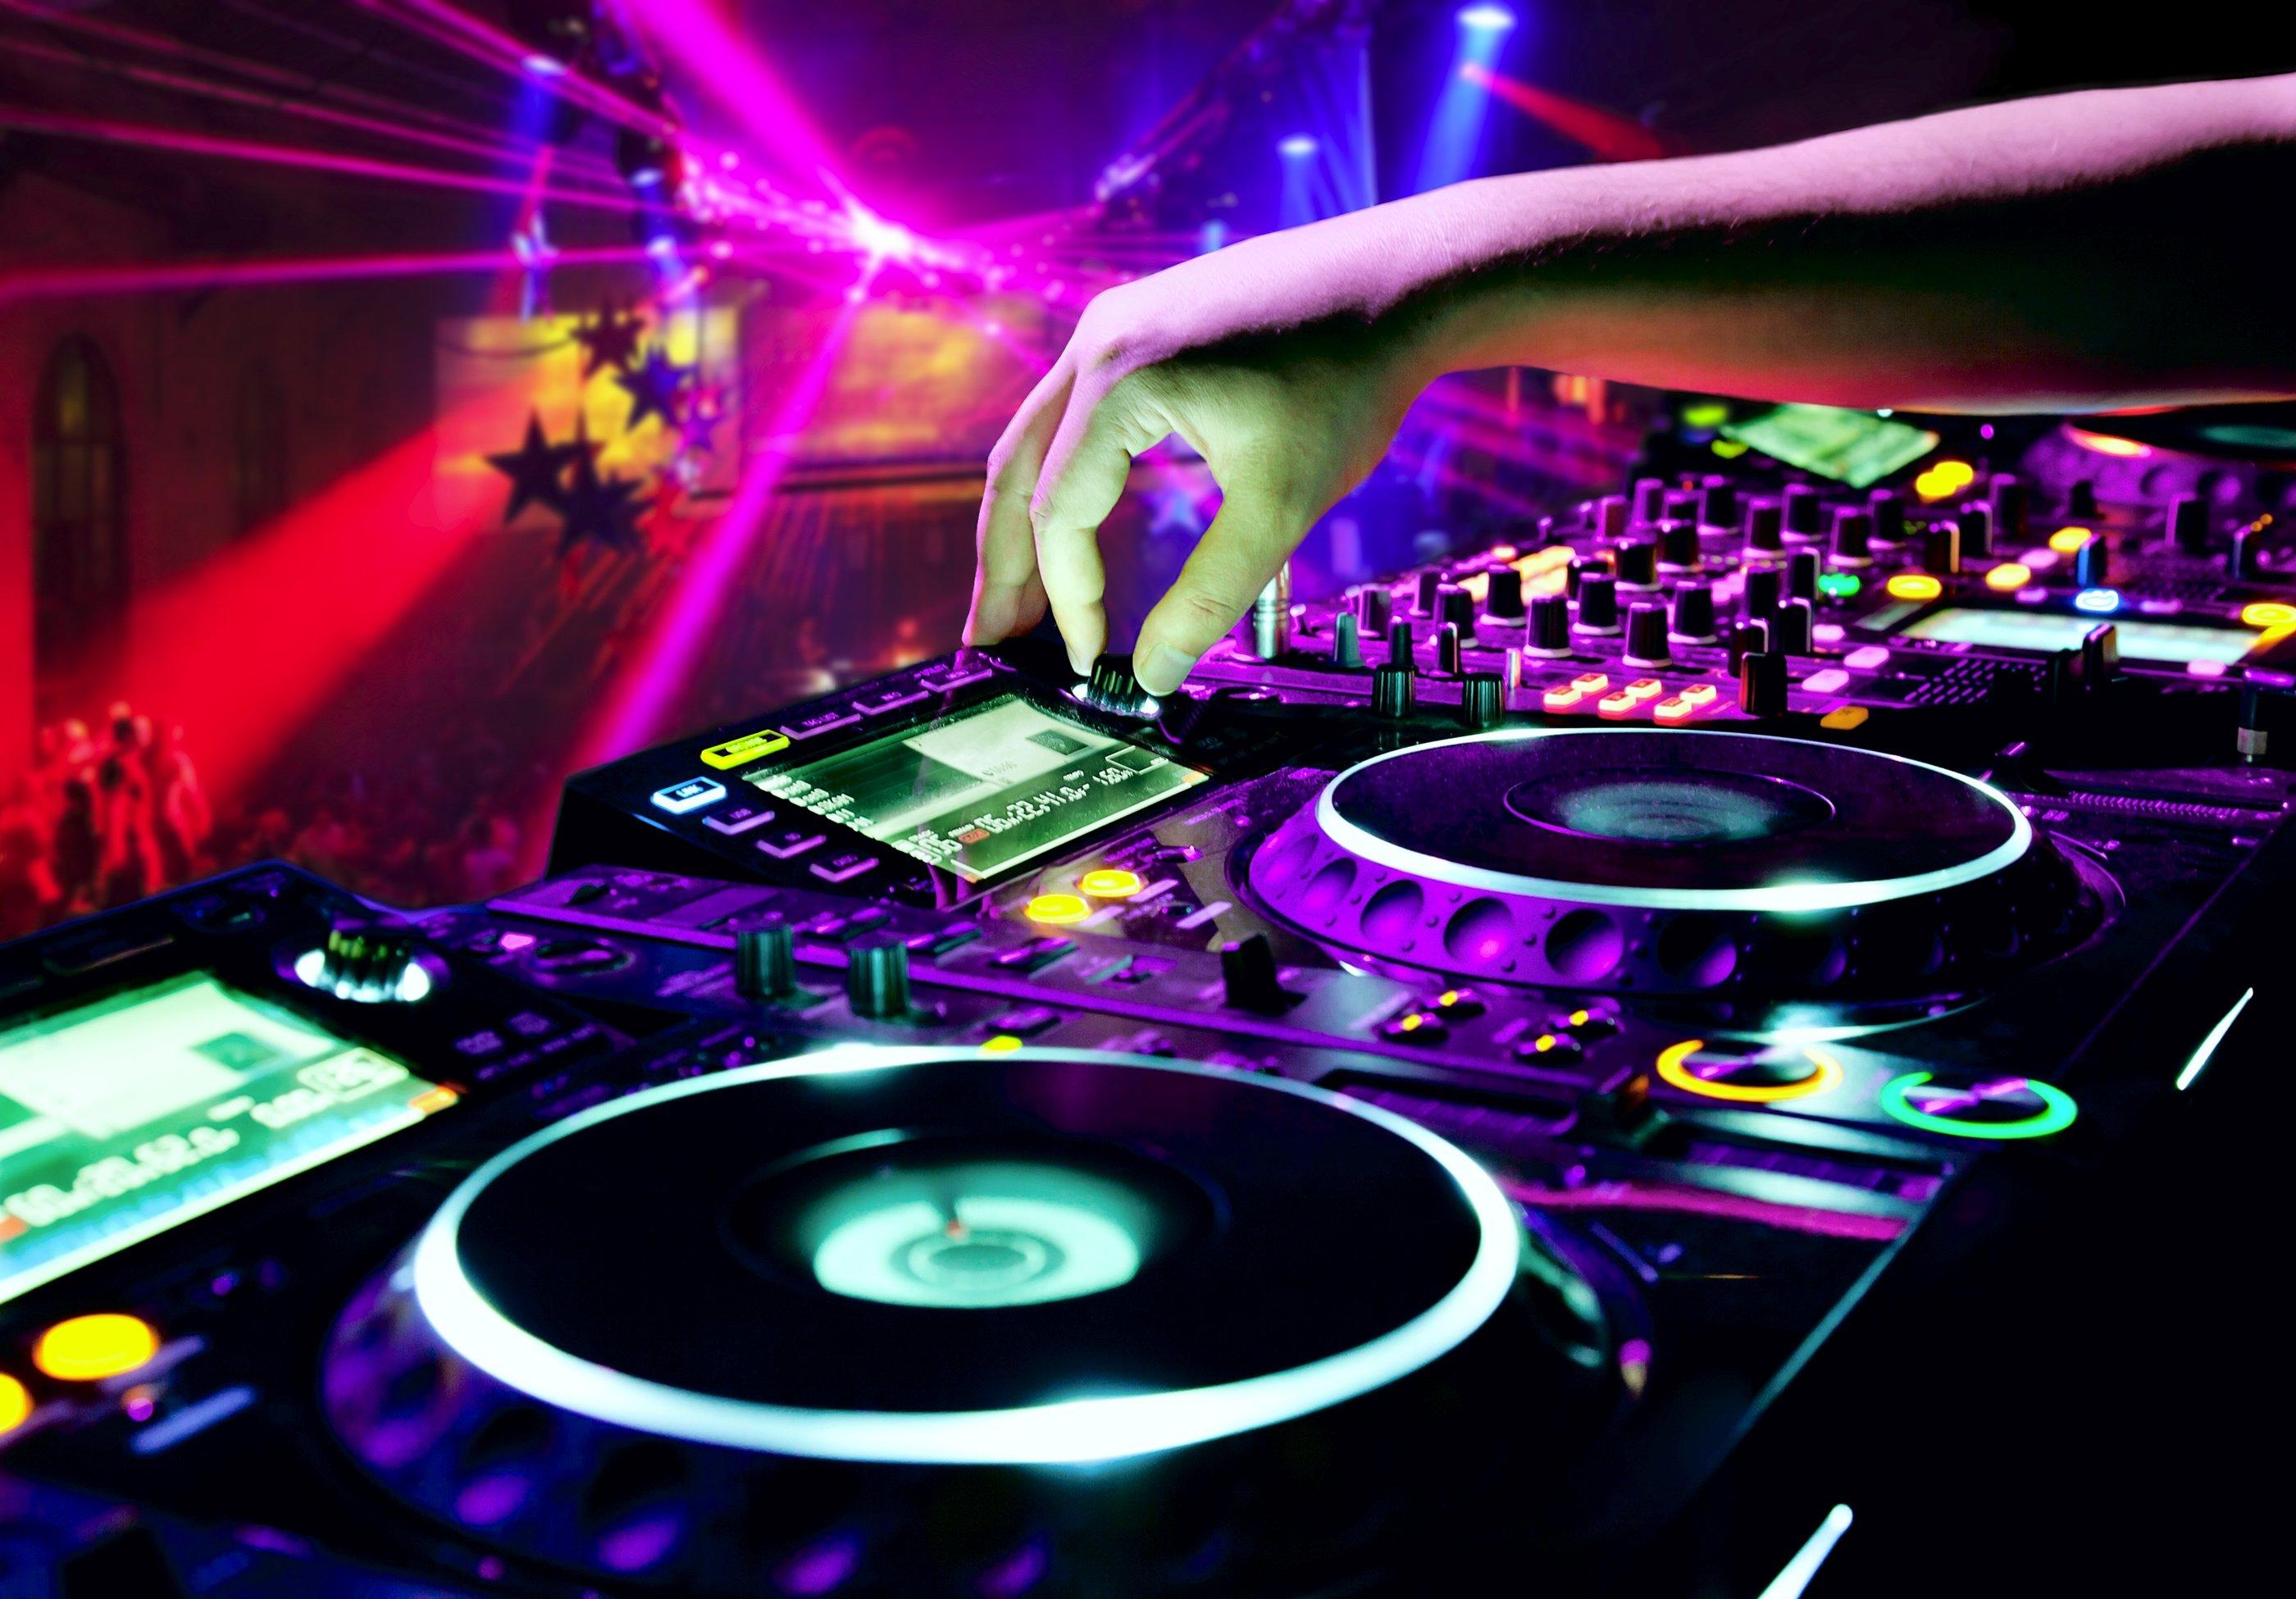 disco_dance_music_club_2800x1950